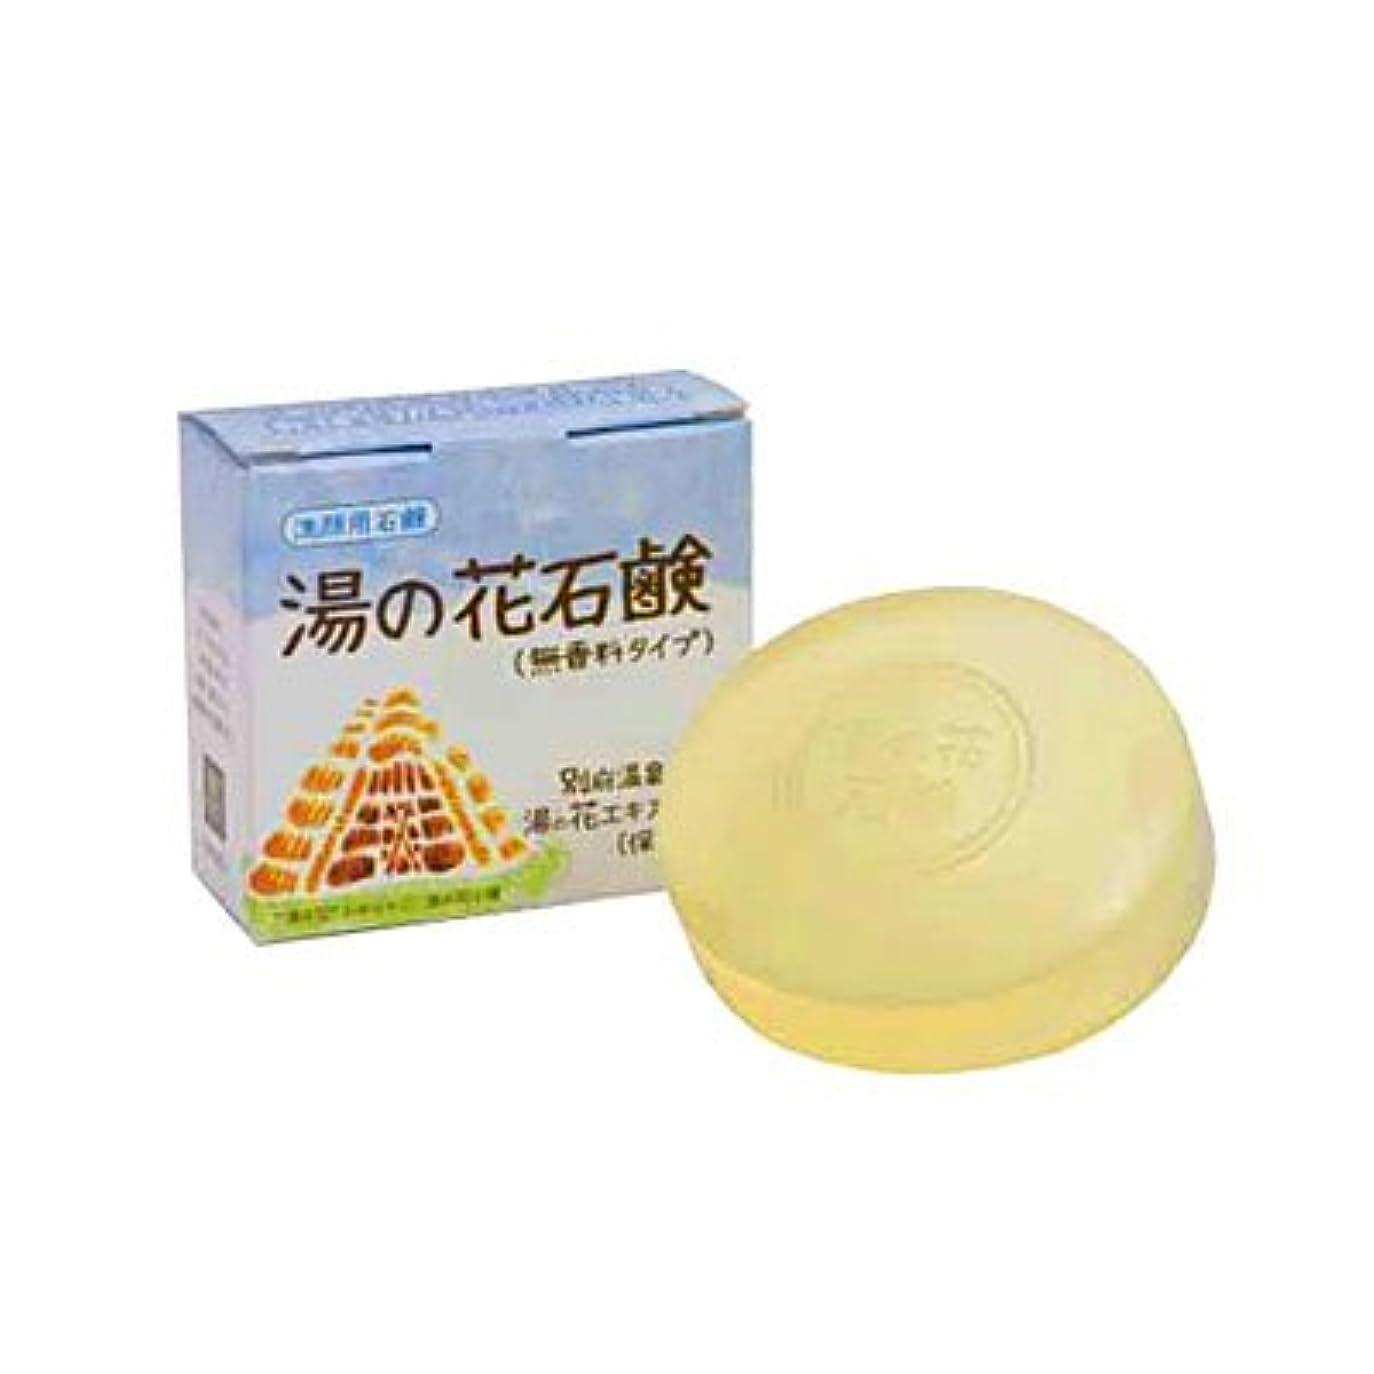 事務所ズーム正当化する薬用 湯の花石鹸 ビーナス1 80g